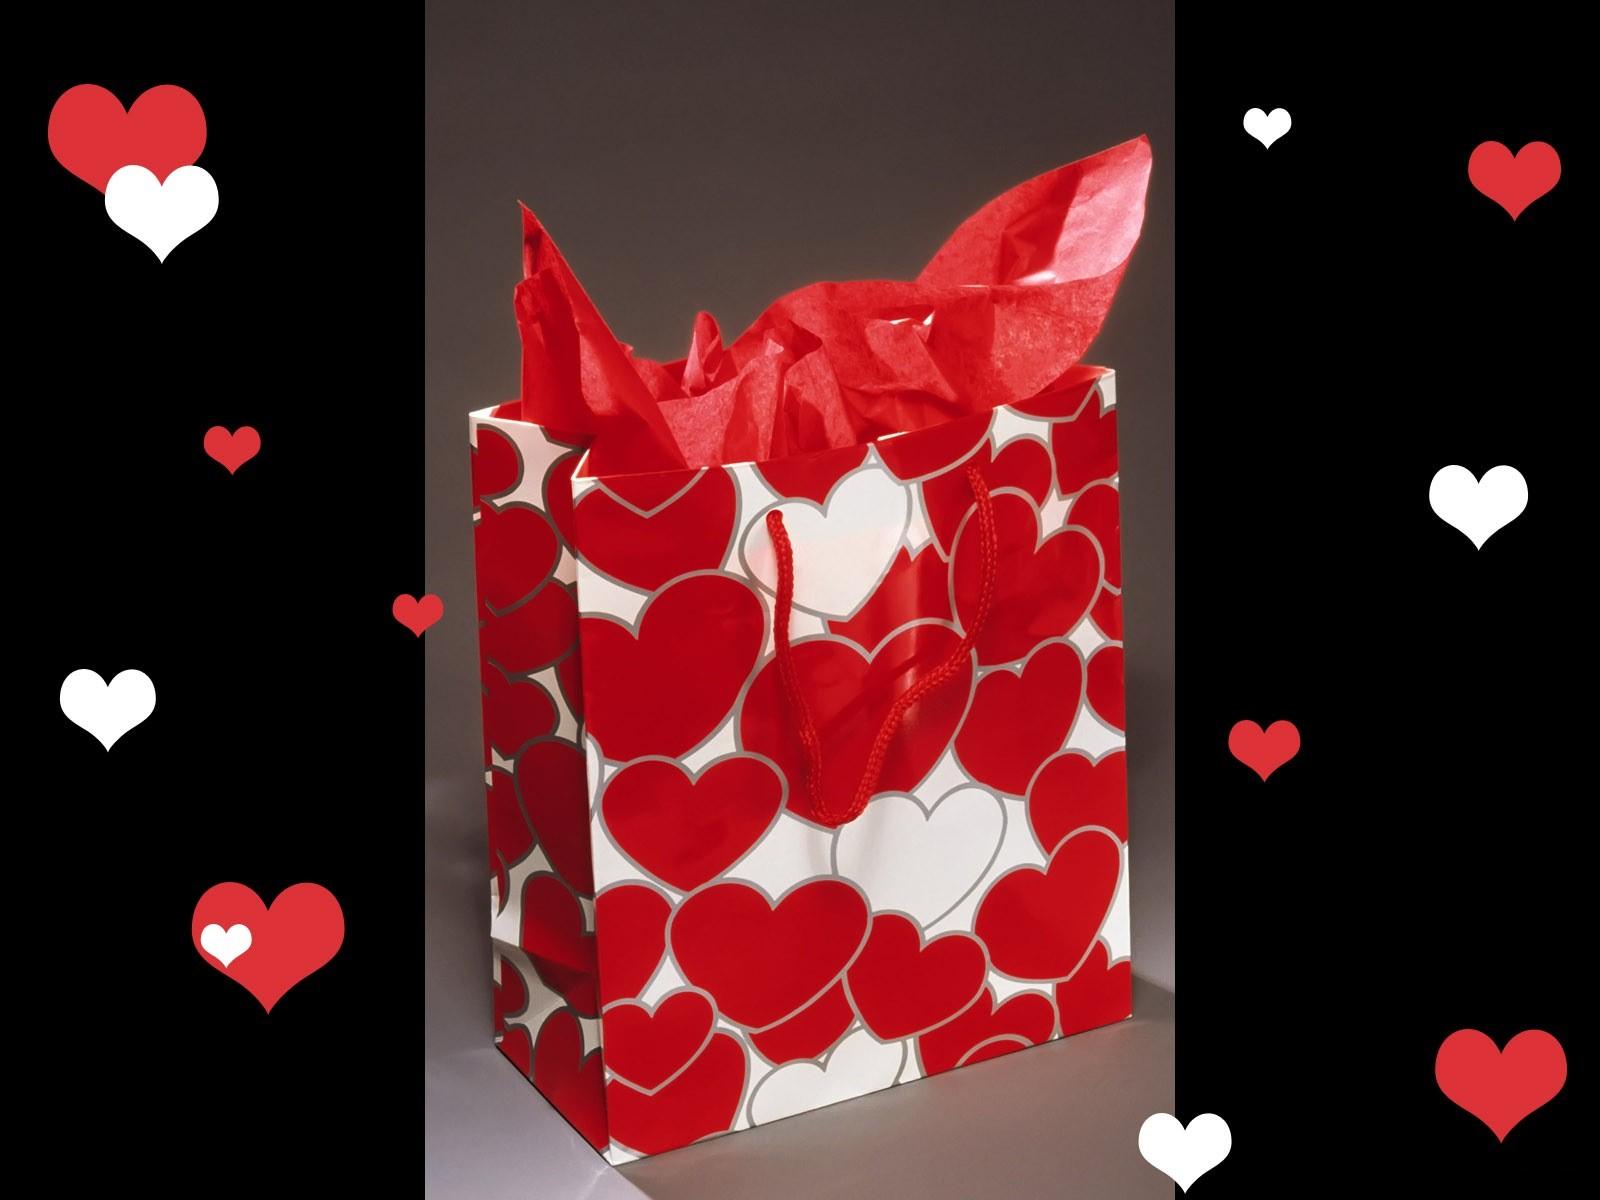 http://4.bp.blogspot.com/_A6XVQjlah18/TJDRwvCLtAI/AAAAAAAAADs/g_x3MLgeGBM/s1600/Love+wallpapers19.jpg